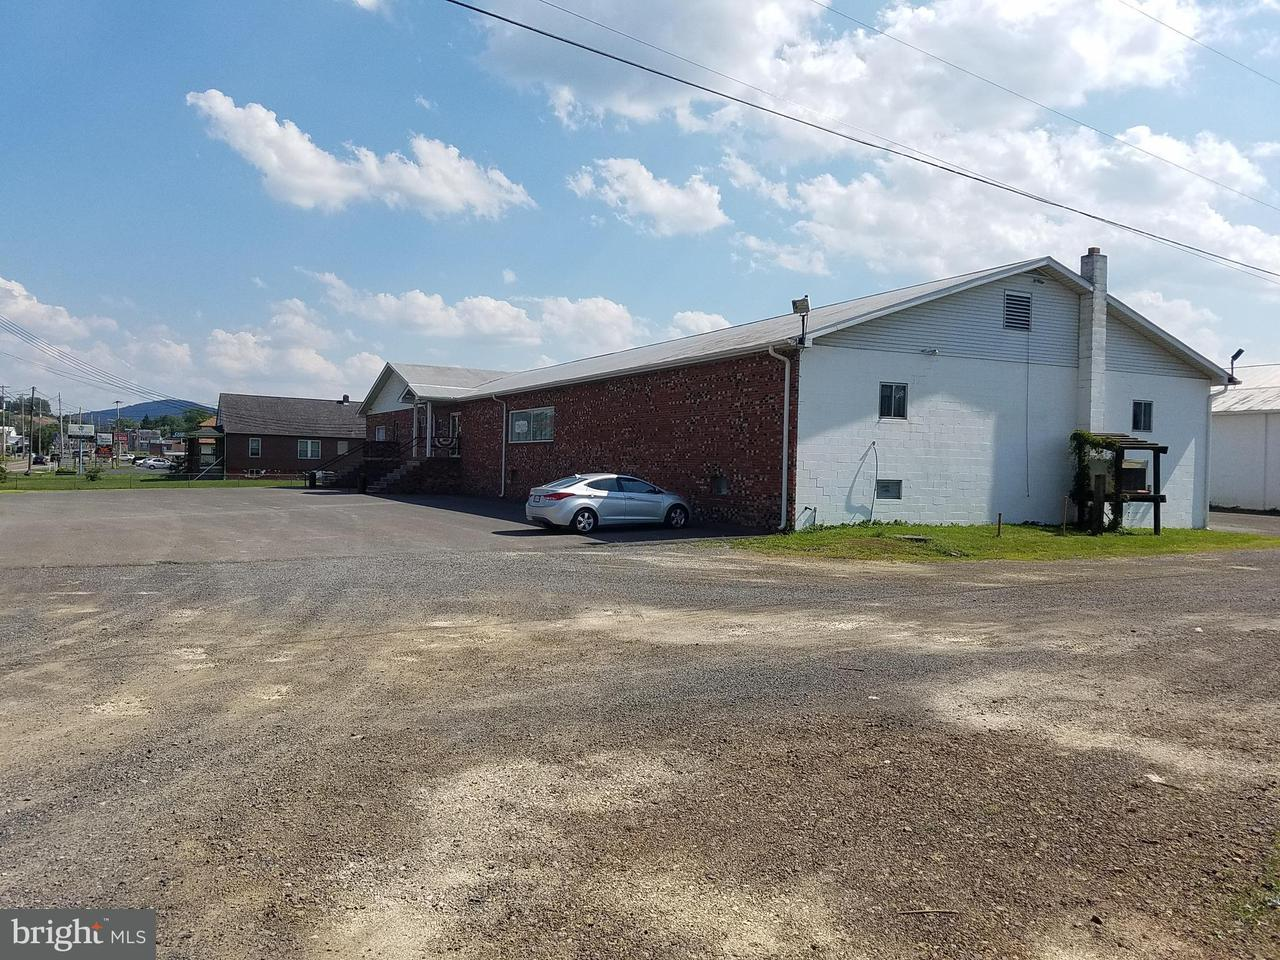 商用 为 销售 在 9944 FORT ASHBY Road 9944 FORT ASHBY Road Fort Ashby, 西弗吉尼亚州 26719 美国